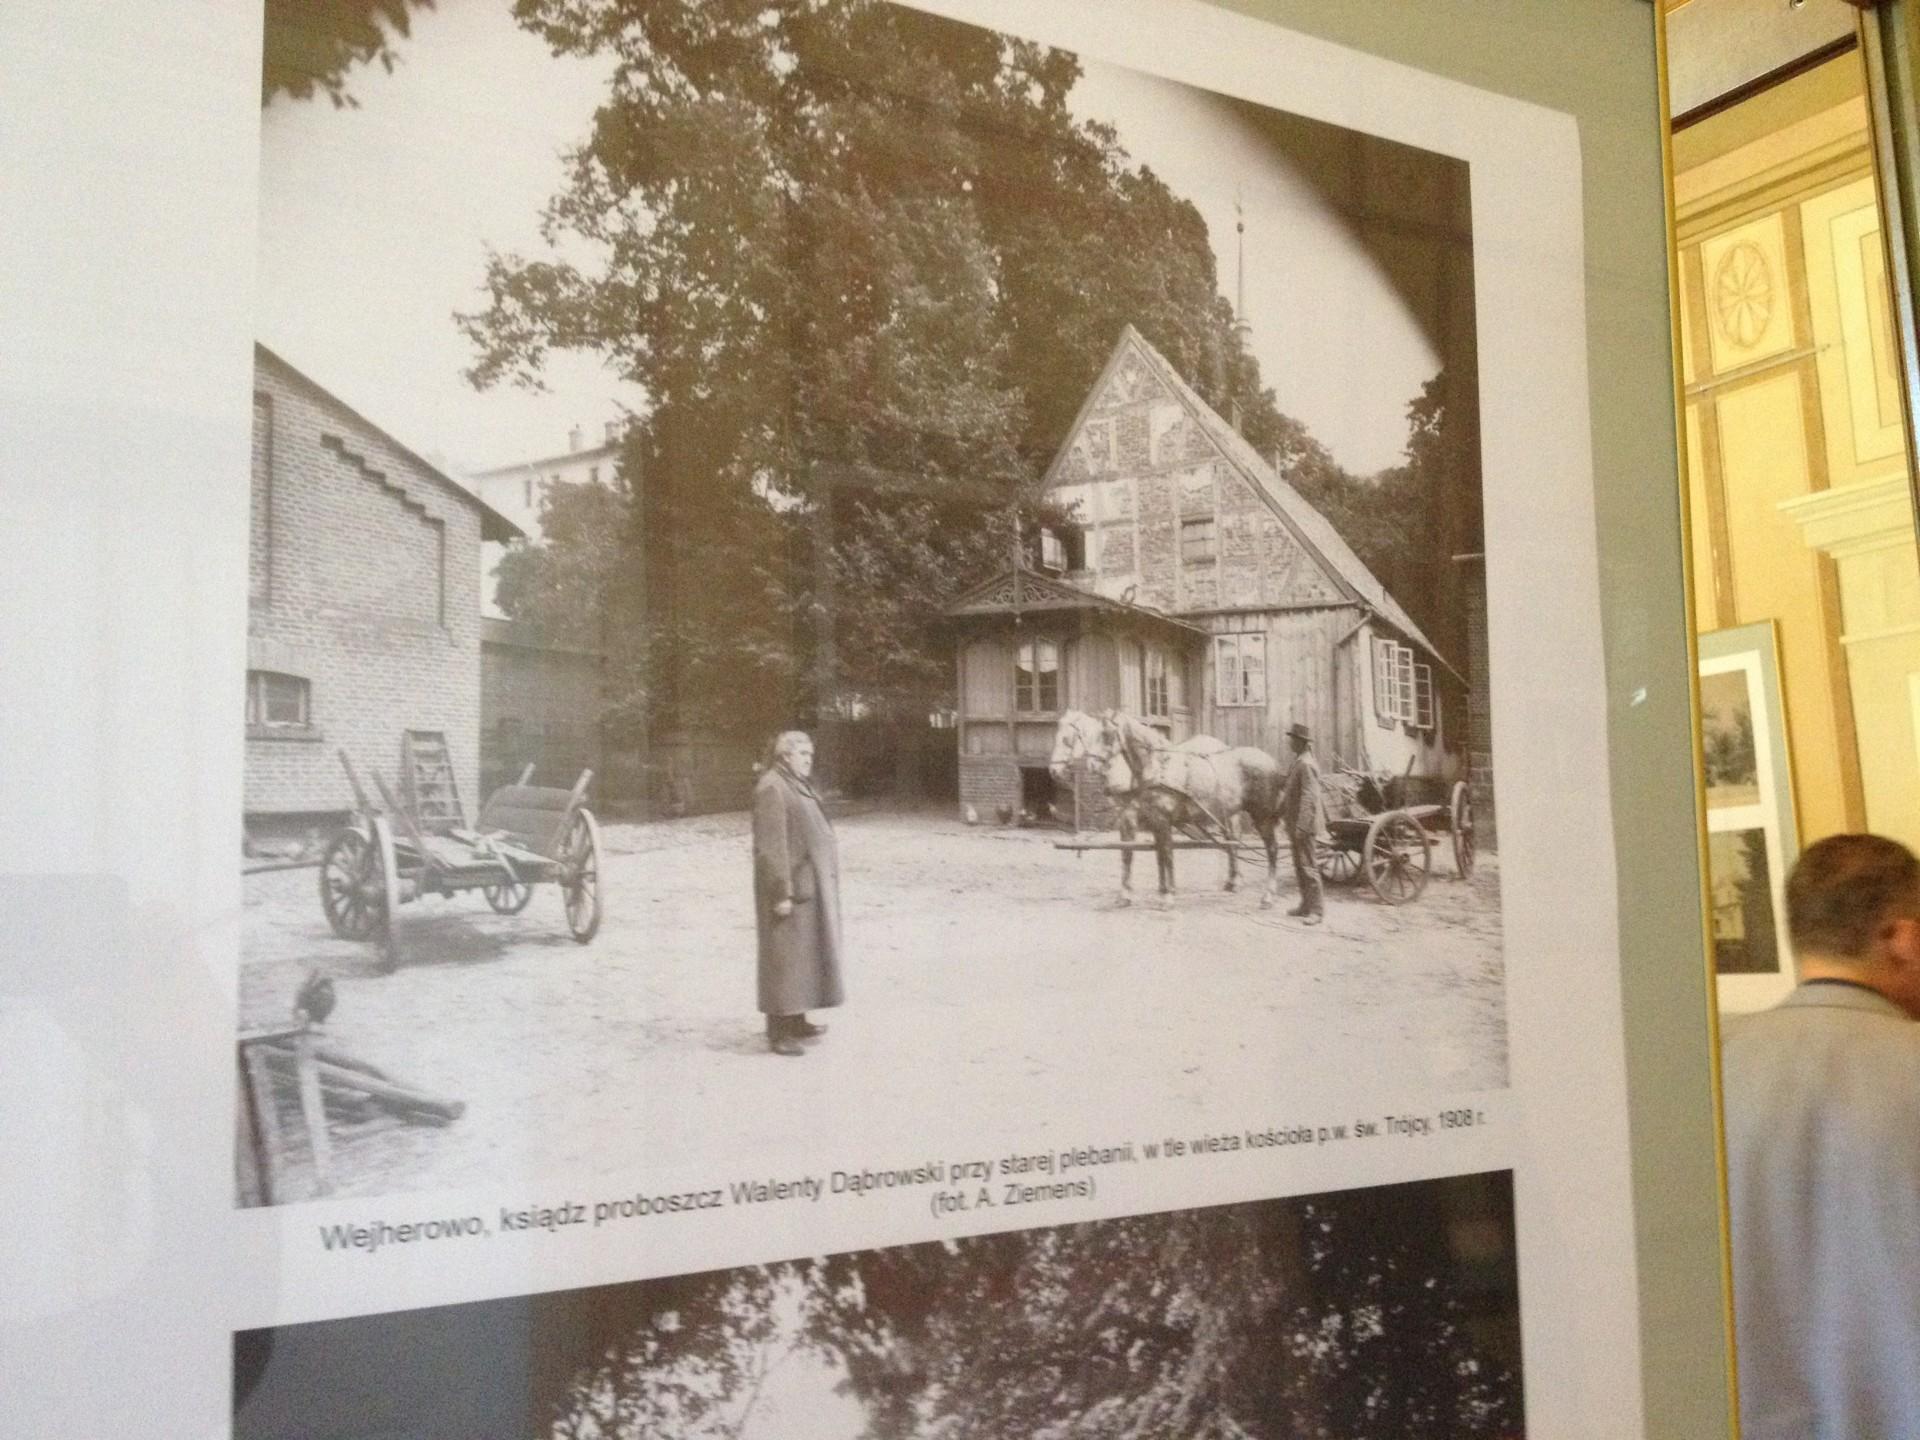 Kaszuby na starej fotografii w wejherowskim muzeum. 10